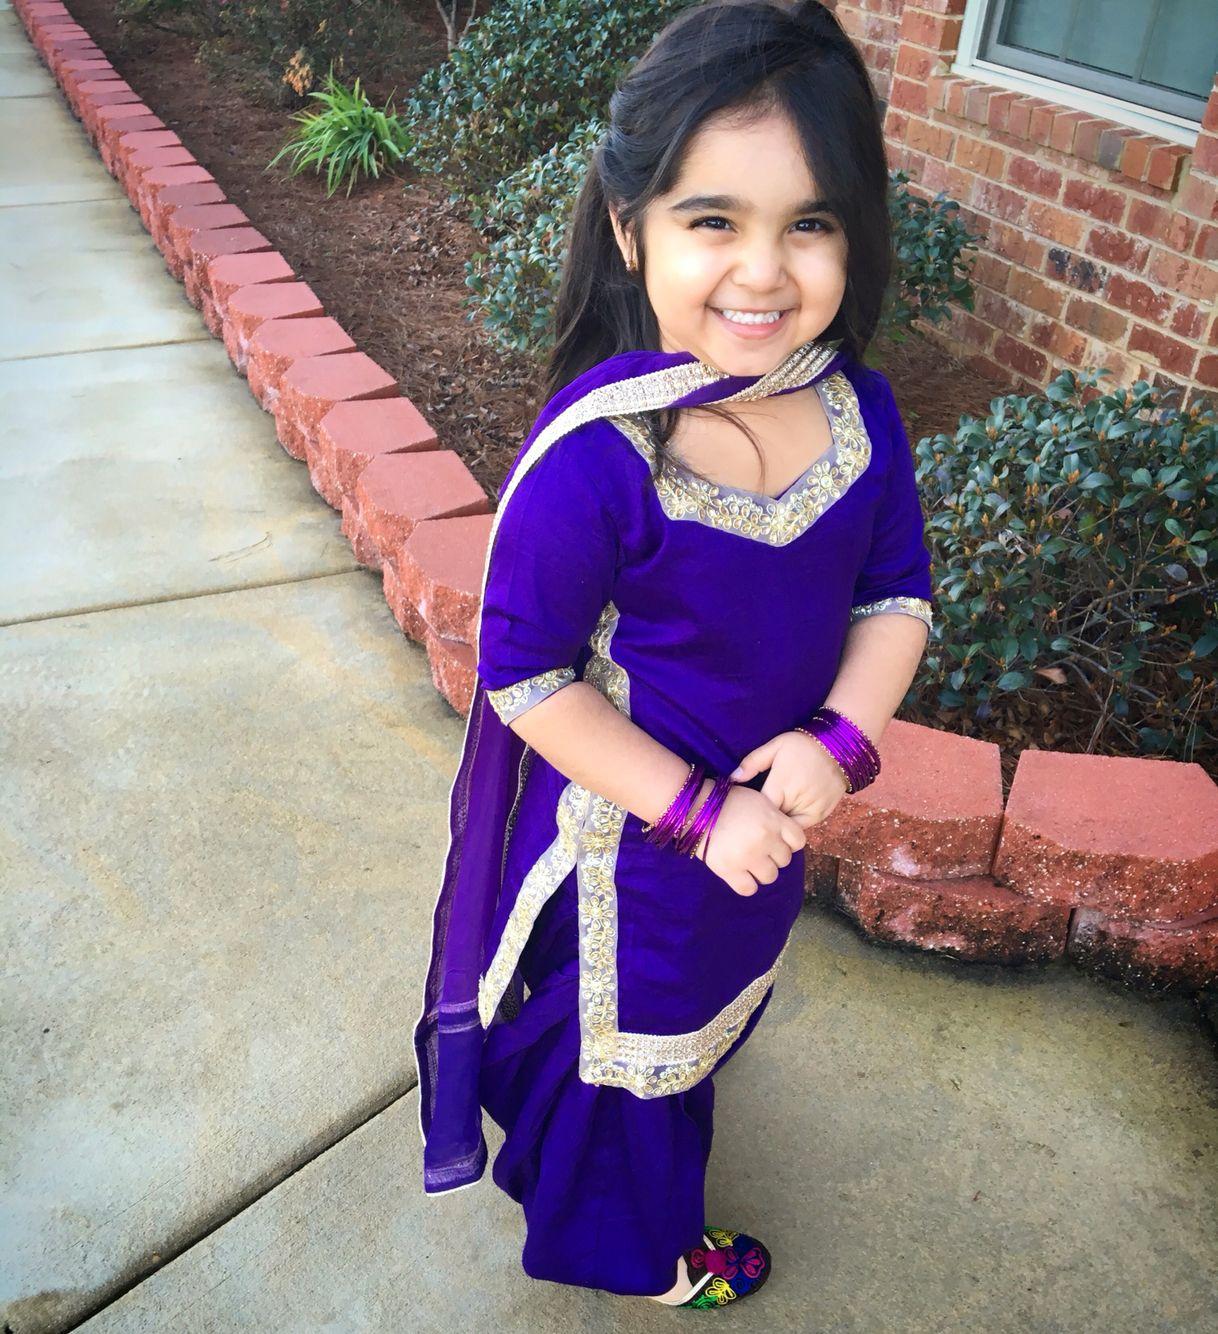 e5a00c0d6701d8921761813fcaf70af1 Punjabi Dress for Kids- 30 Best Punjabi Outfits for Children